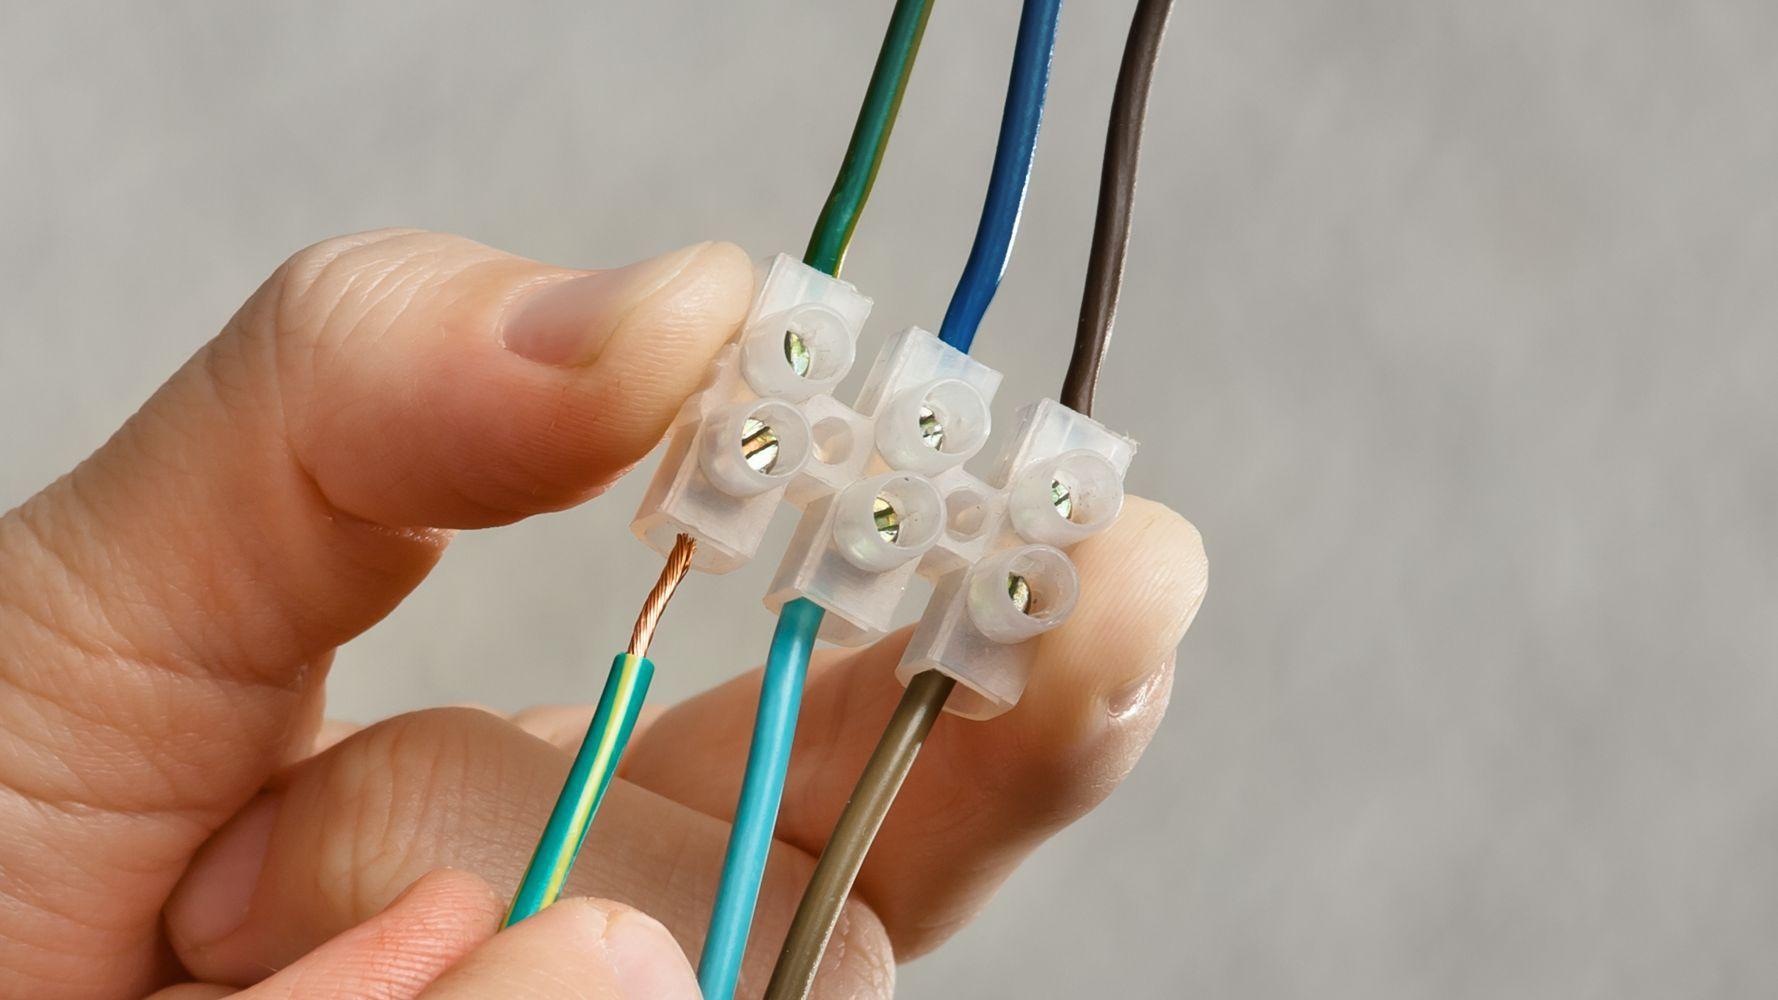 Comment choisir ses accessoires de connexion électriques